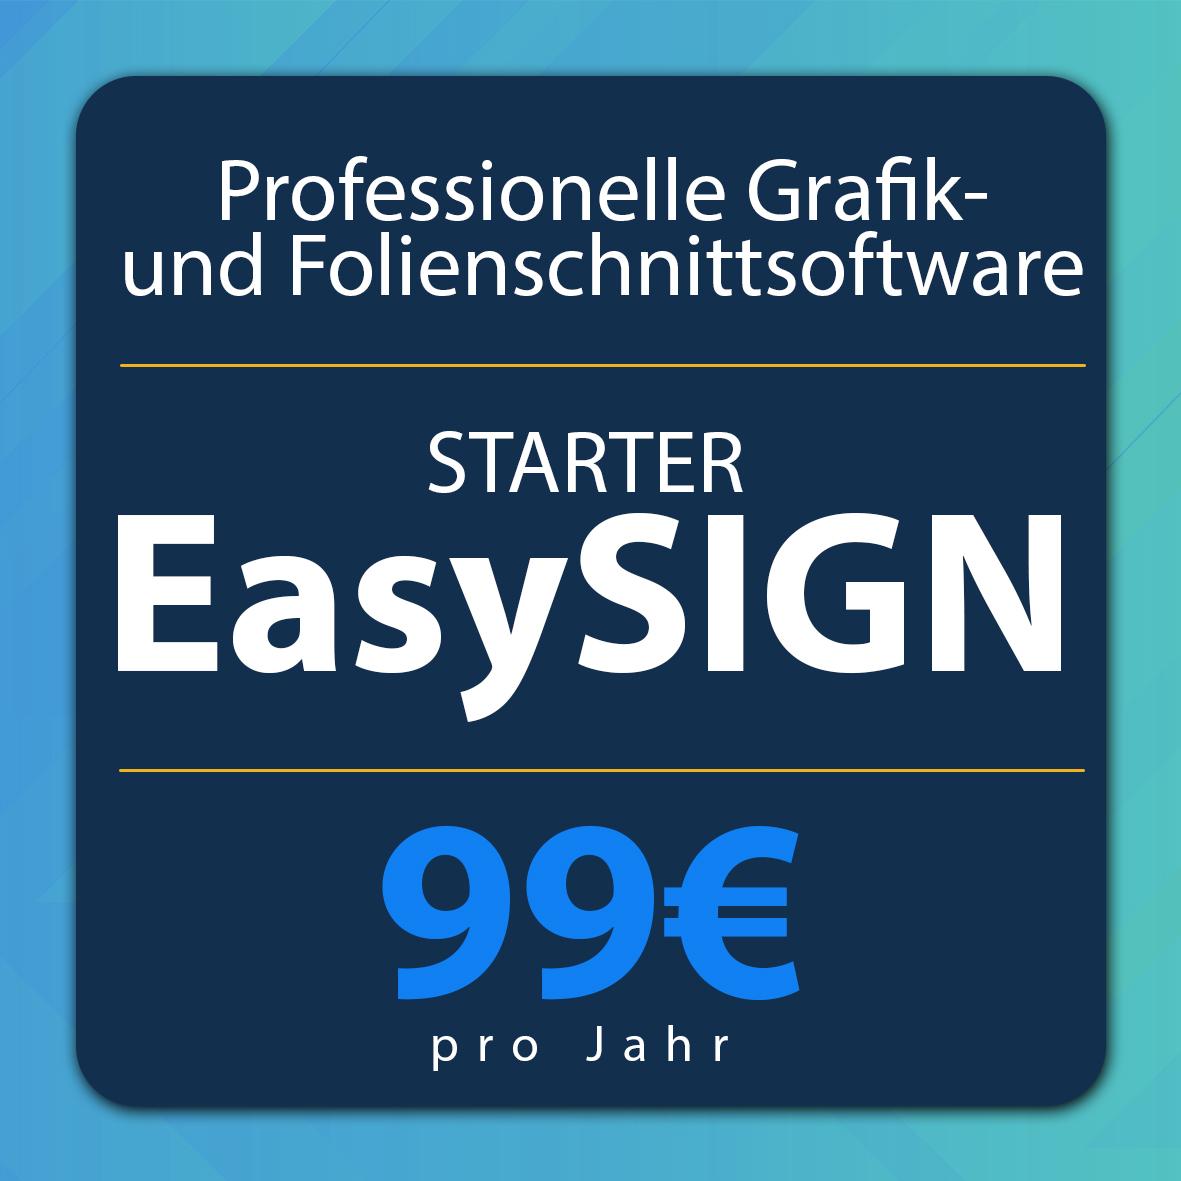 EasySIGN Starter Abolizenz - Professionelle Grafik- und Folienschnittsoftware